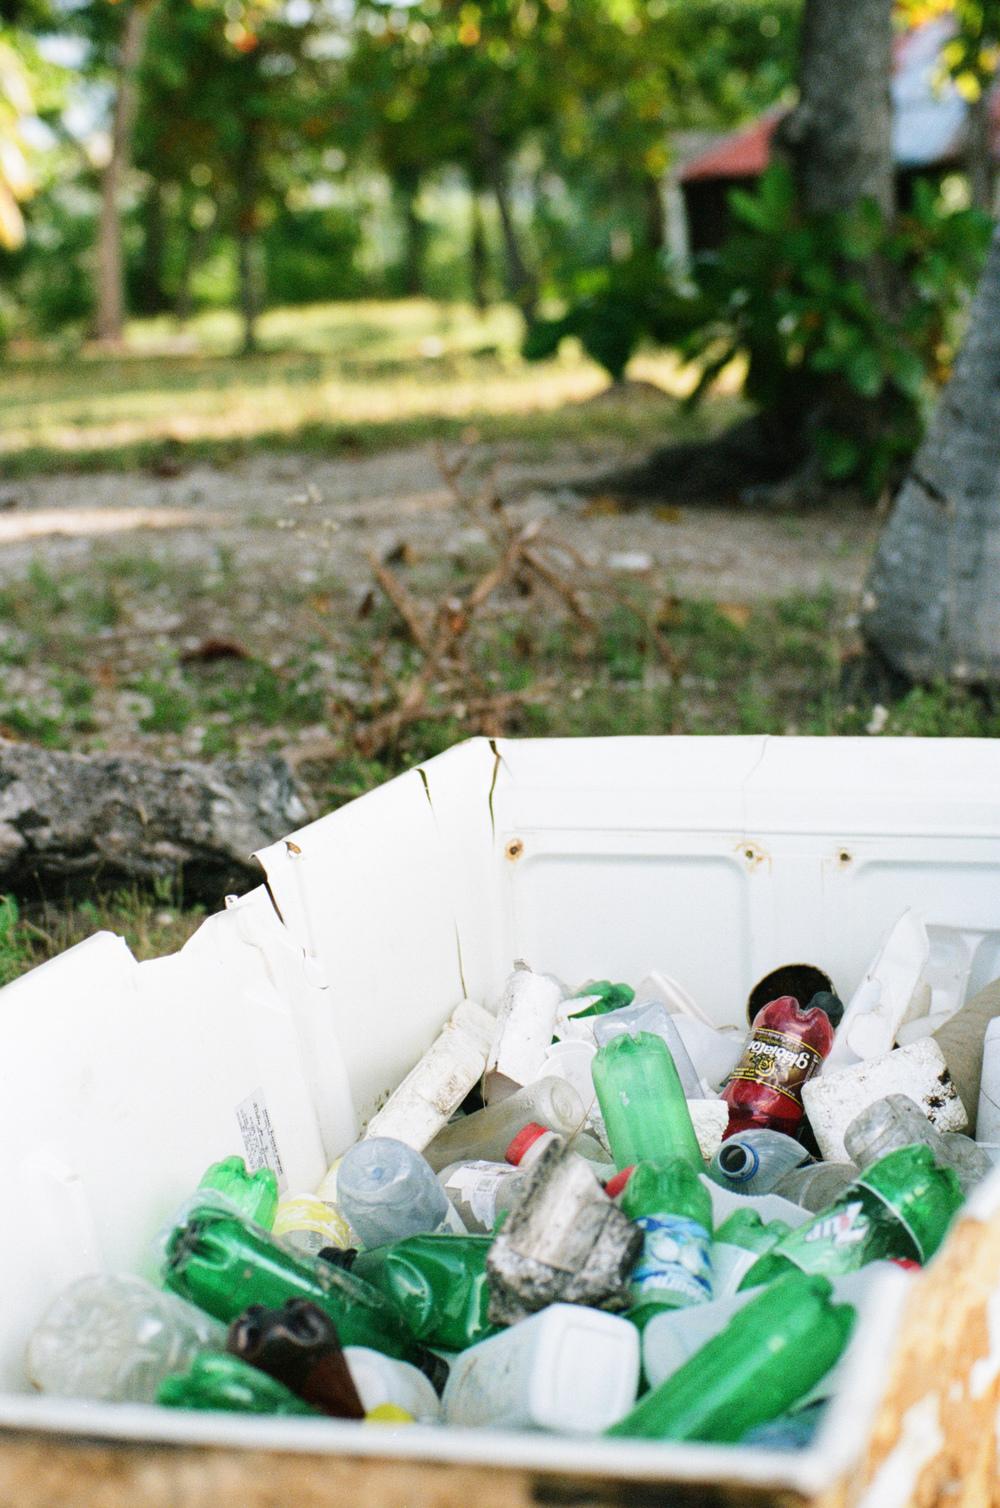 haiti009-759805020017.jpg